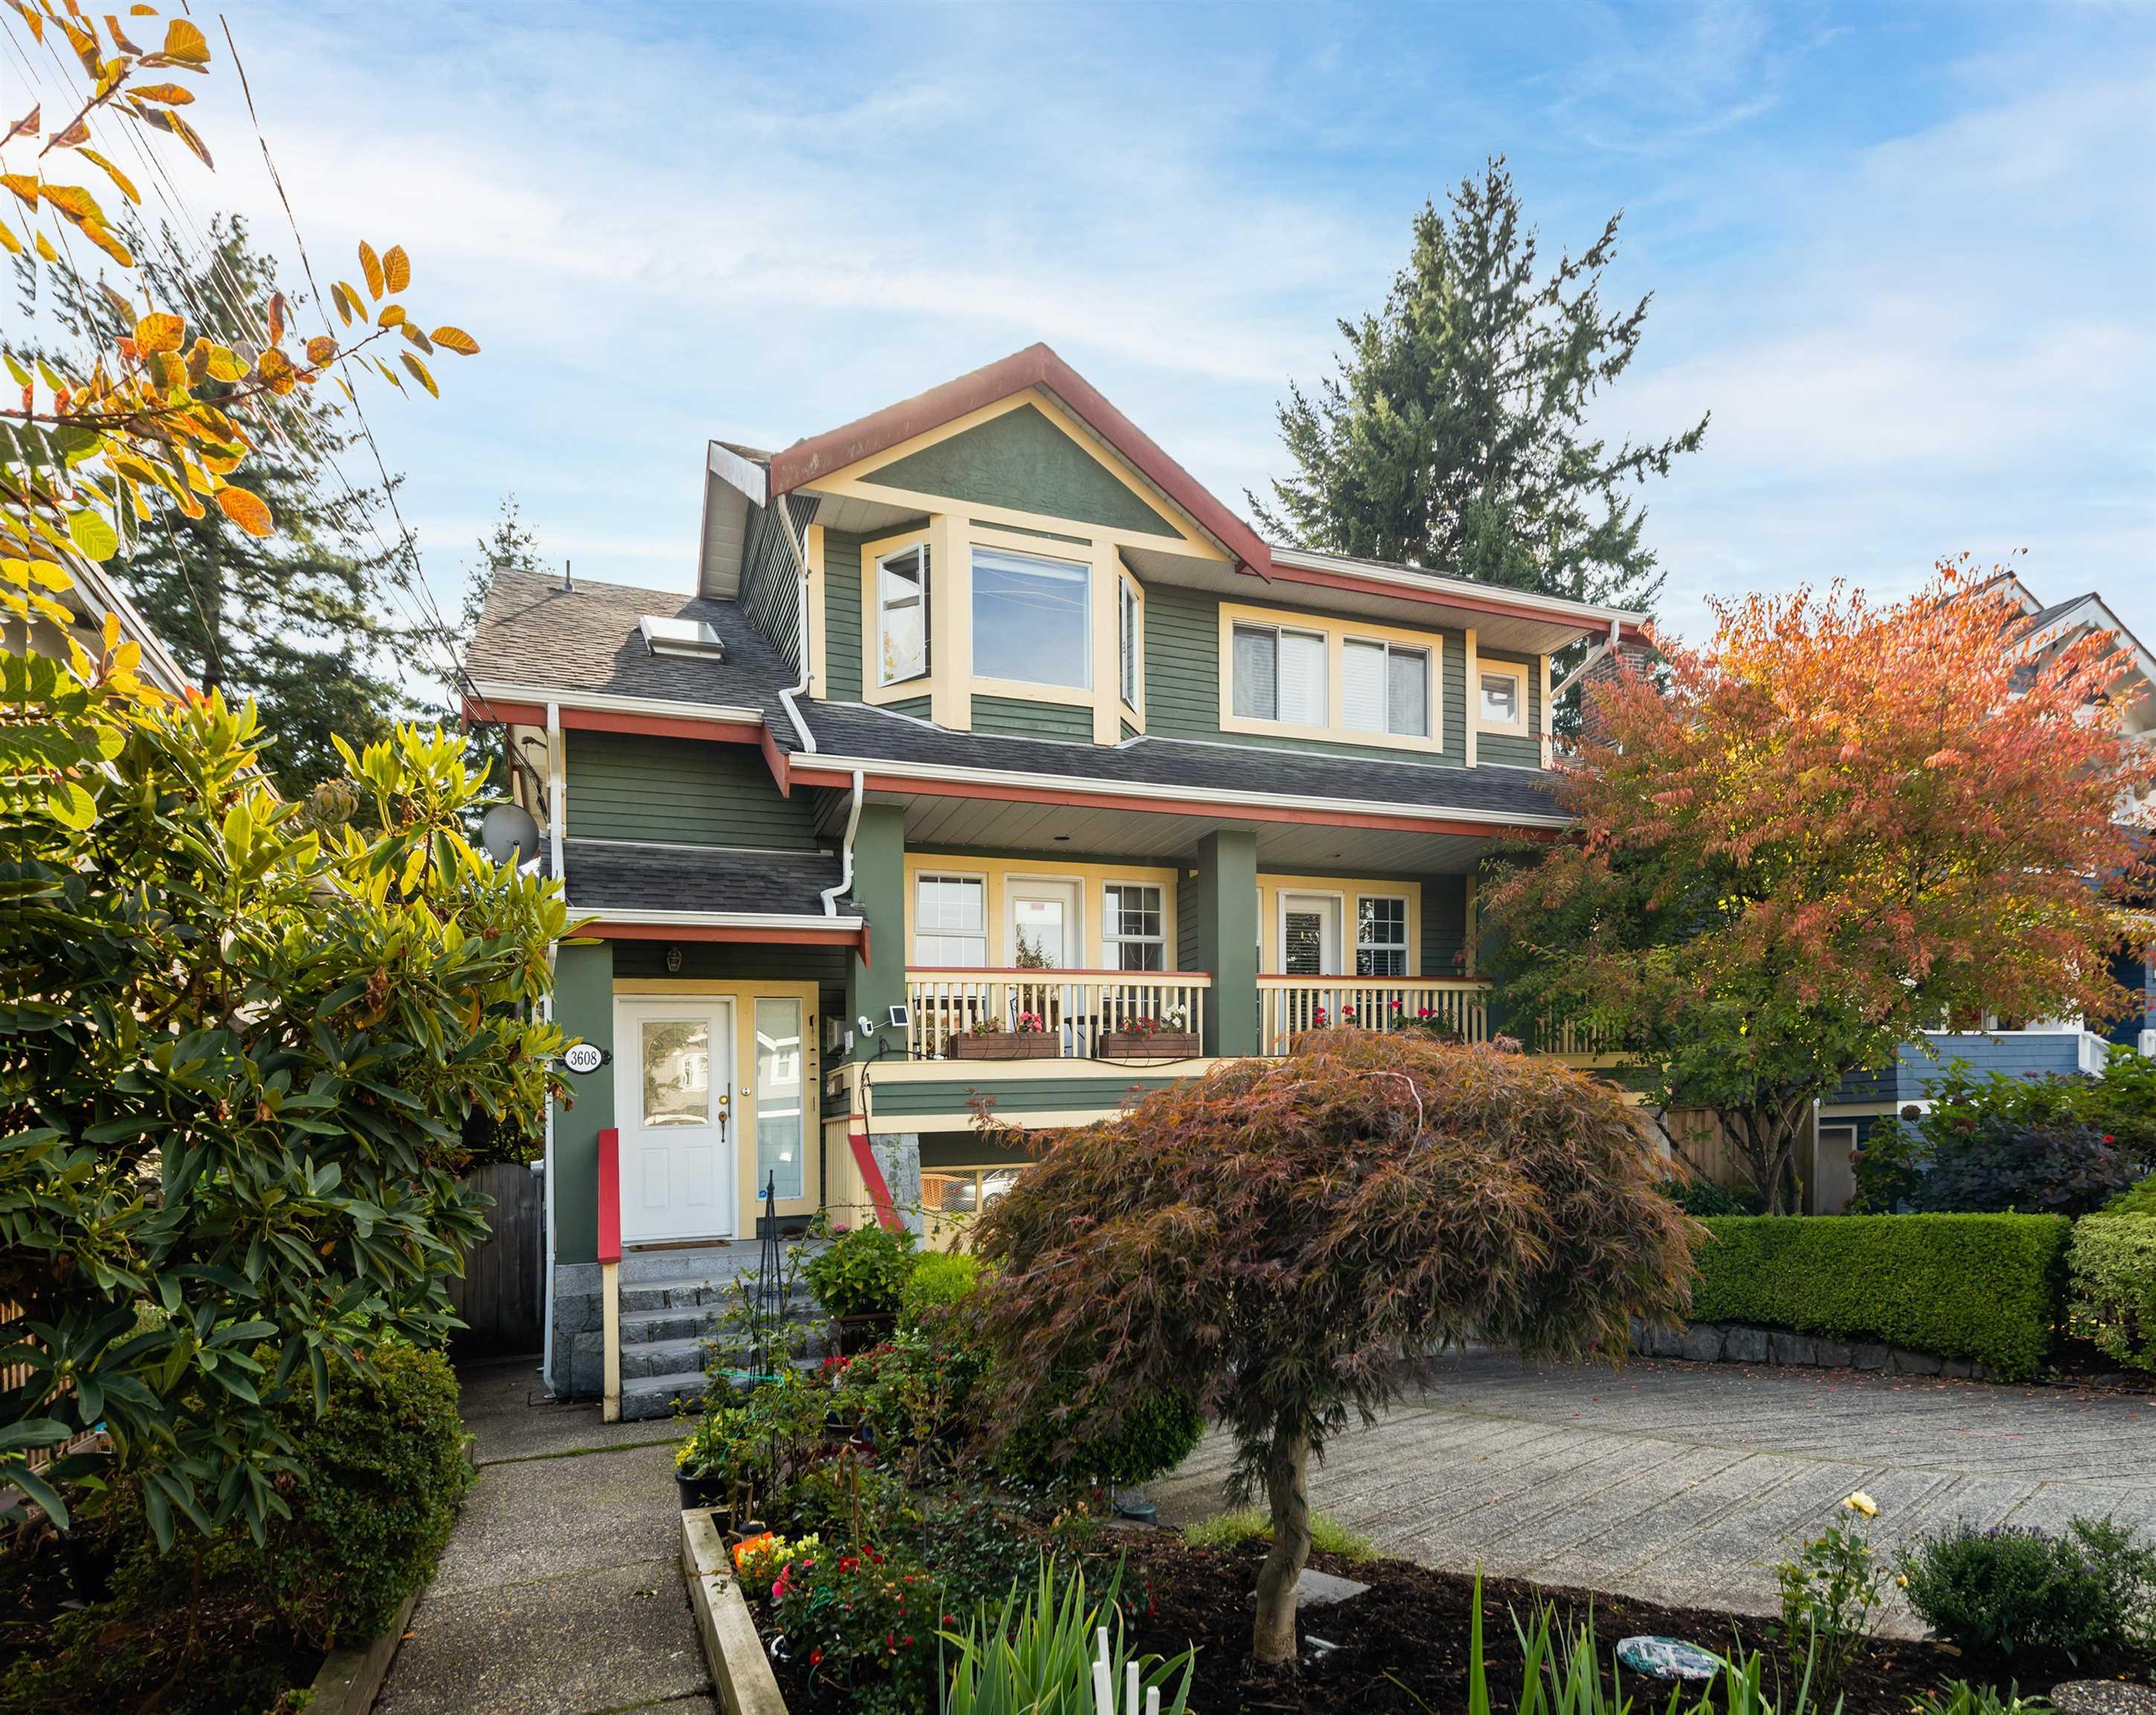 3608 W 7TH AVENUE - Kitsilano 1/2 Duplex for sale, 2 Bedrooms (R2624693)